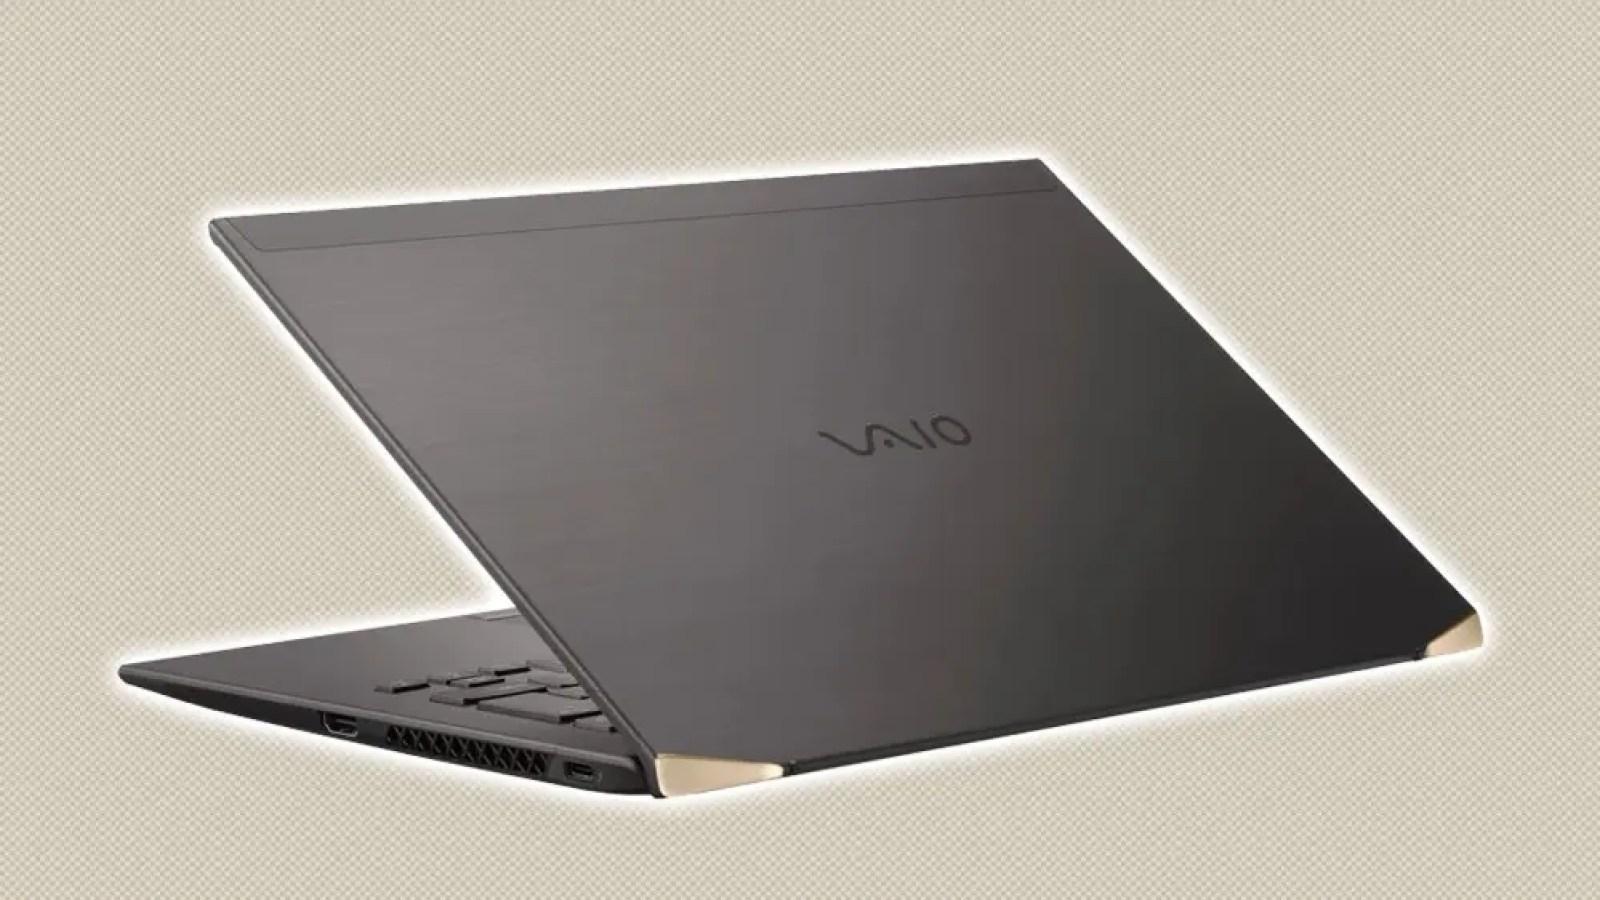 A photo of the carbon-fiber VAIO Z laptop.